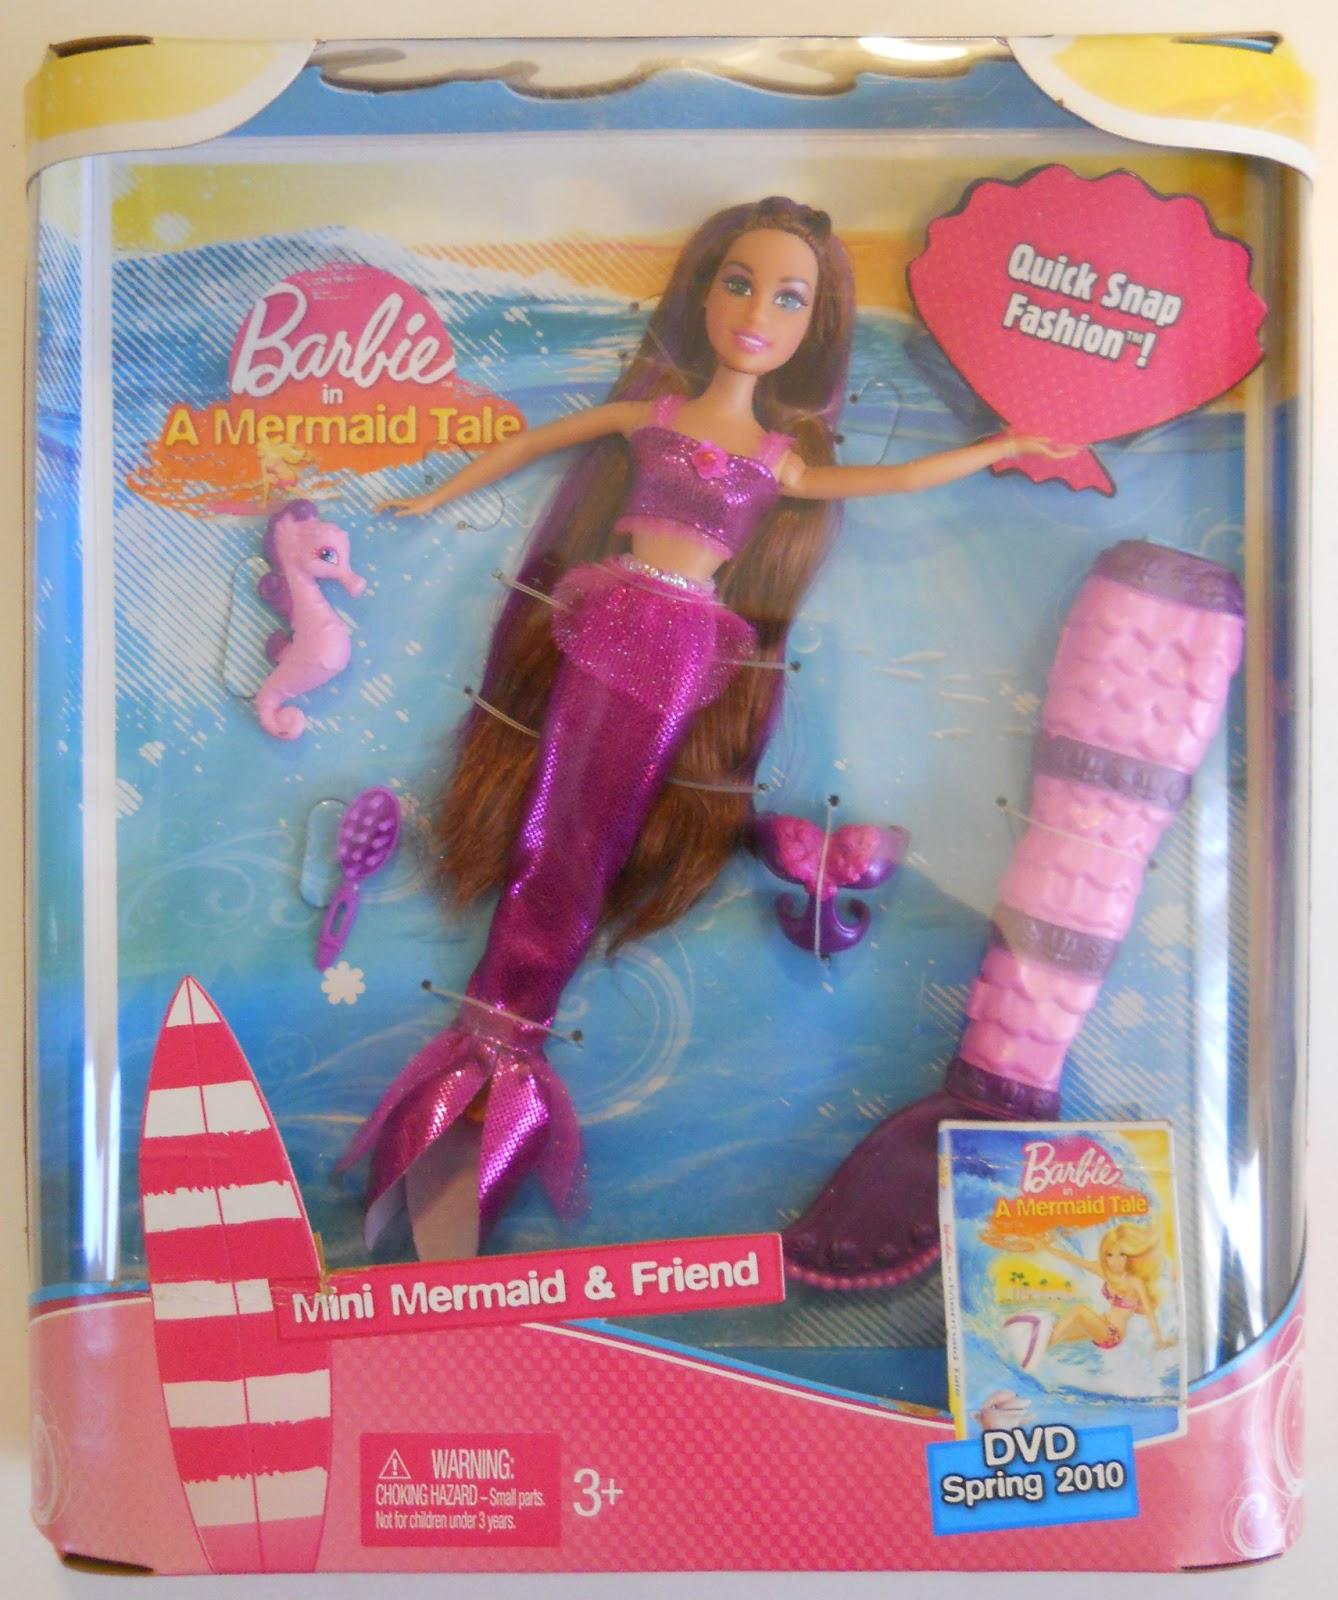 barbie mini kingdom doll identification guide t3413 barbie mini